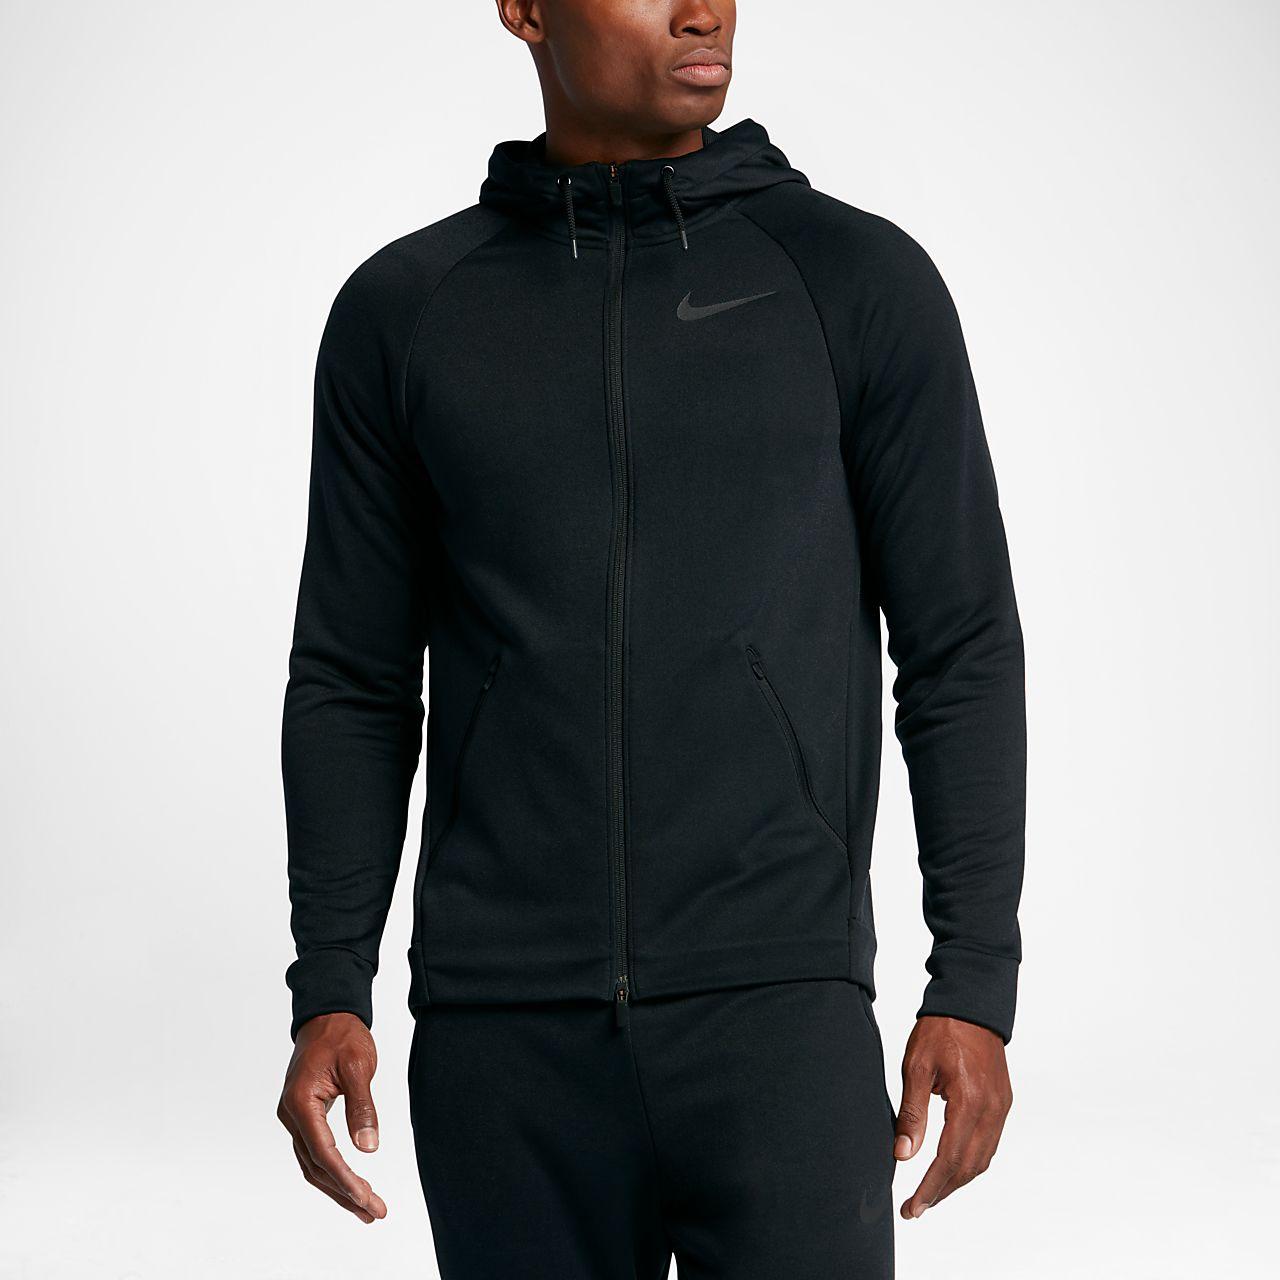 Jacke Nike Dri Herren Dri Fit Fit Jacke Herren Nike Nike waUqTO8